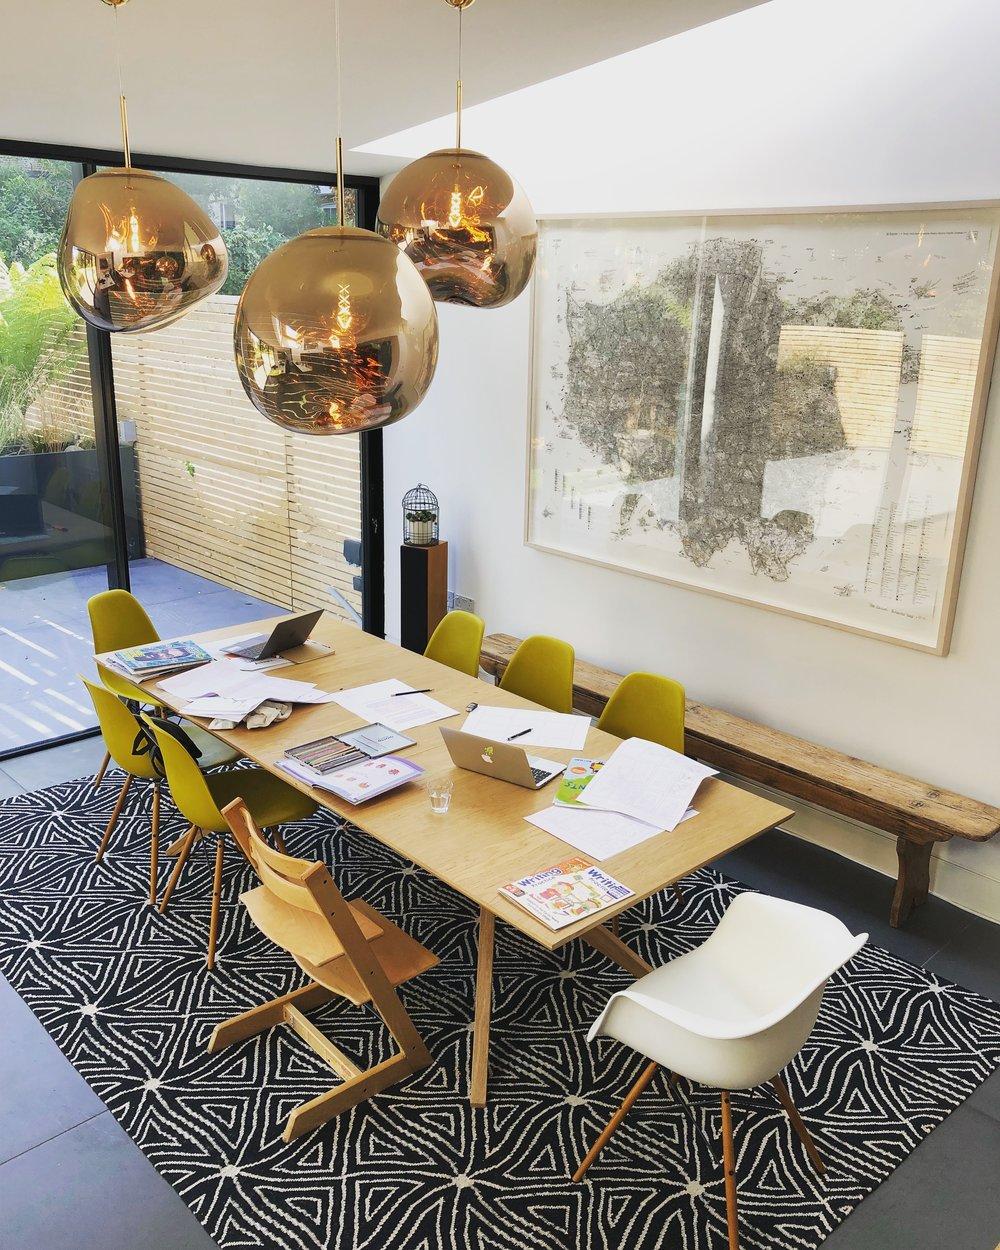 Manu Interiors: Your Next Stop For Modern Interior Designs manu interiors Manu Interiors: Your Next Stop For Modern Interior Designs 3